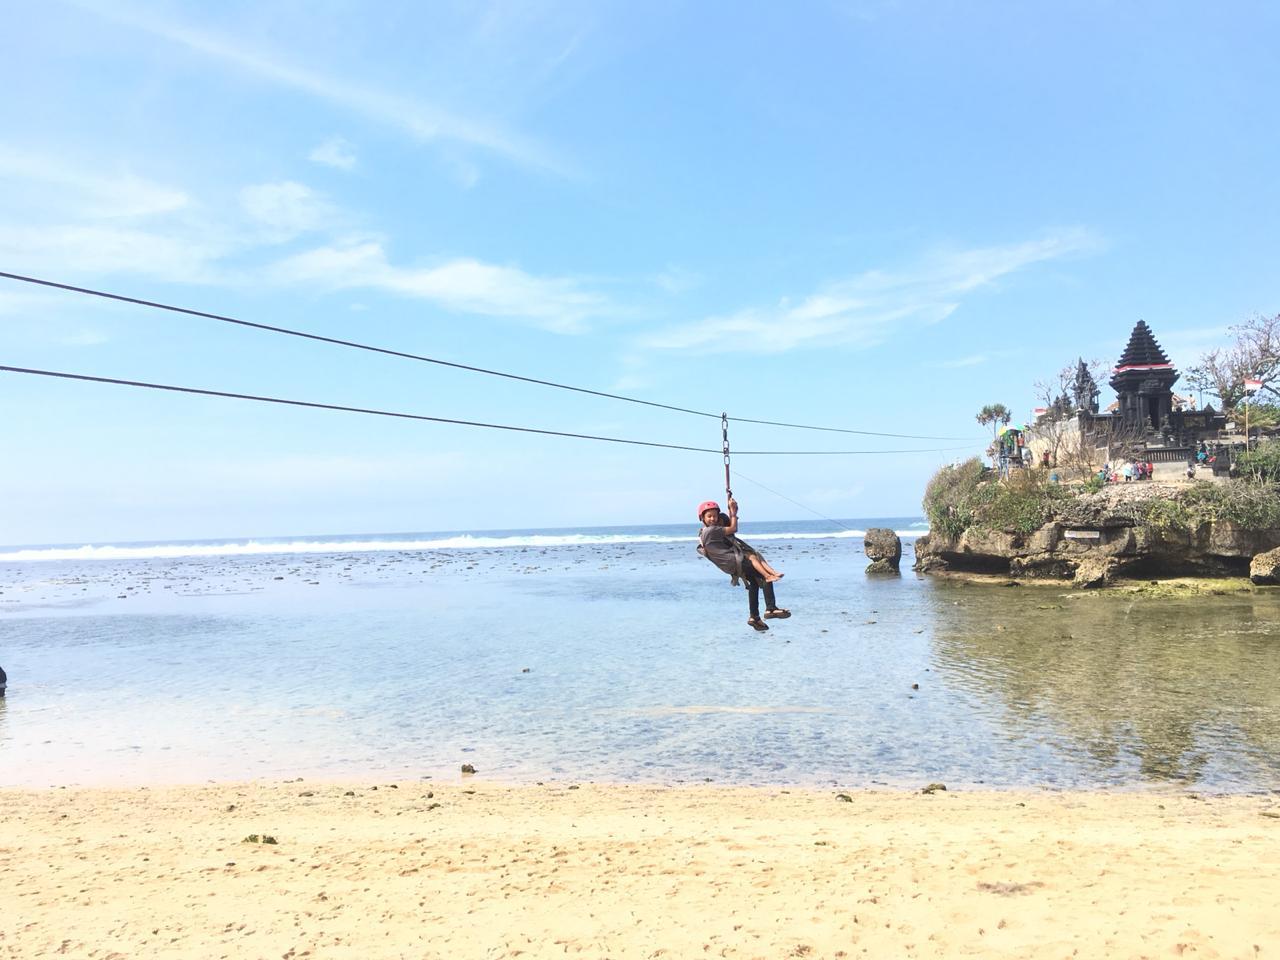 Ribuan Pengunjung Padati Wisata Percontohan Wisatawan Banyak Yang Tak Pakai Masker Jatim Times